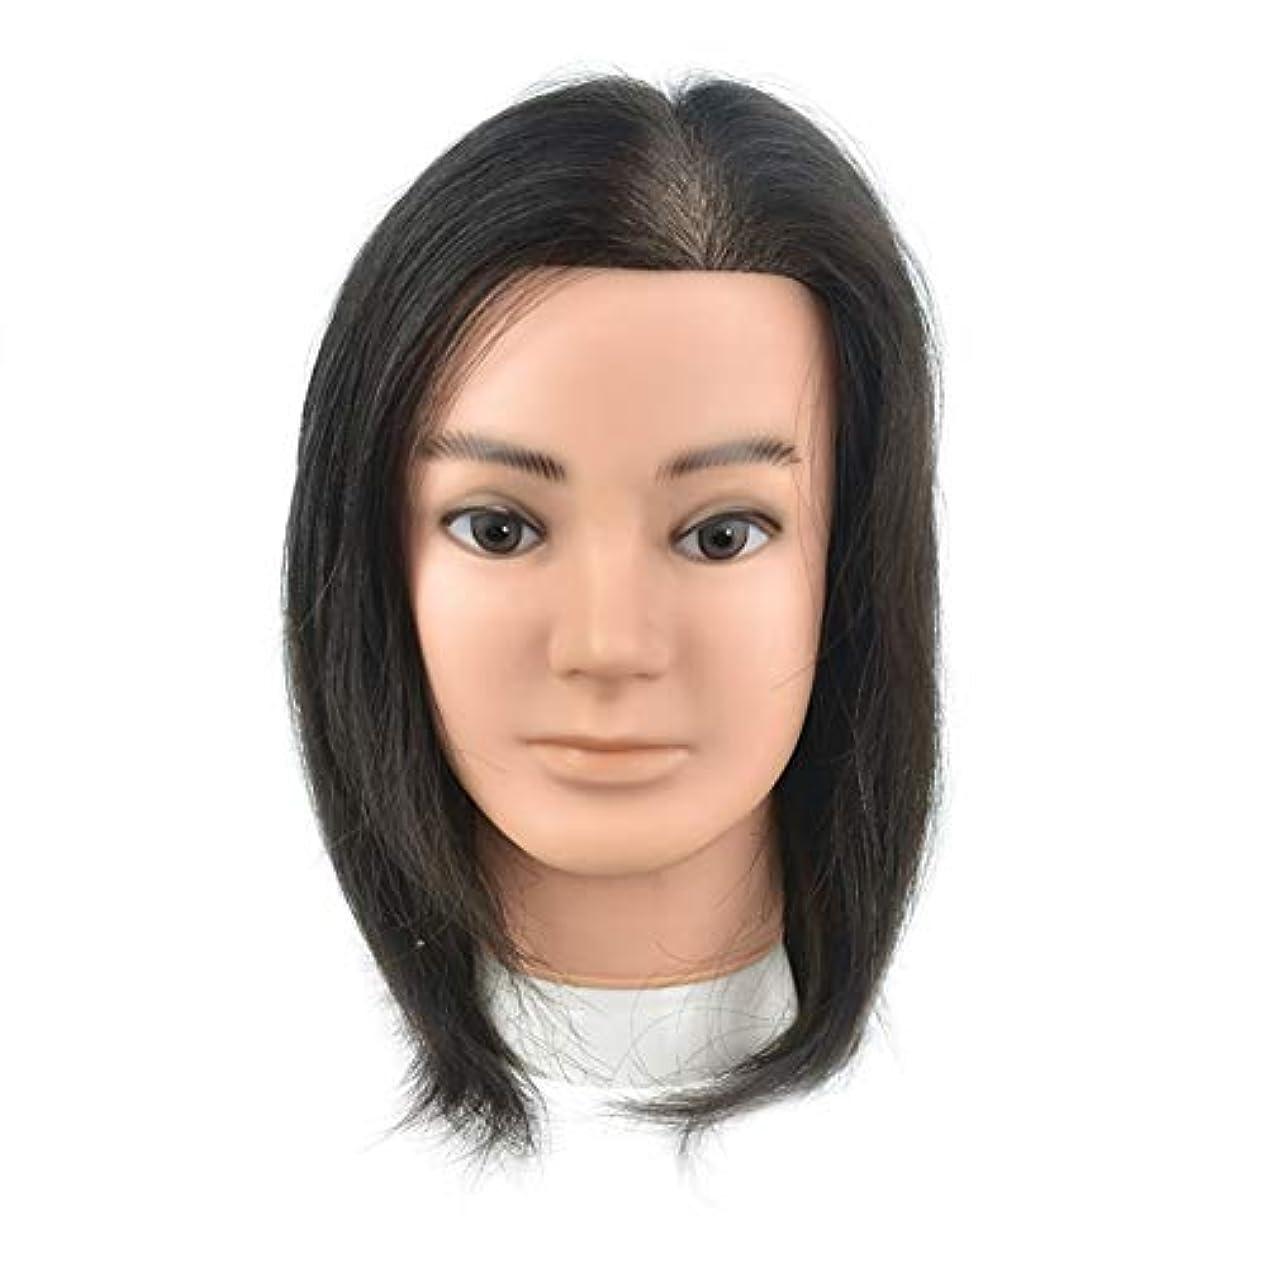 形成持っている口述するリアルヘアスタイリングマネキンヘッド女性ヘッドモデル教育ヘッド理髪店編組ヘア染色学習ダミーヘッド